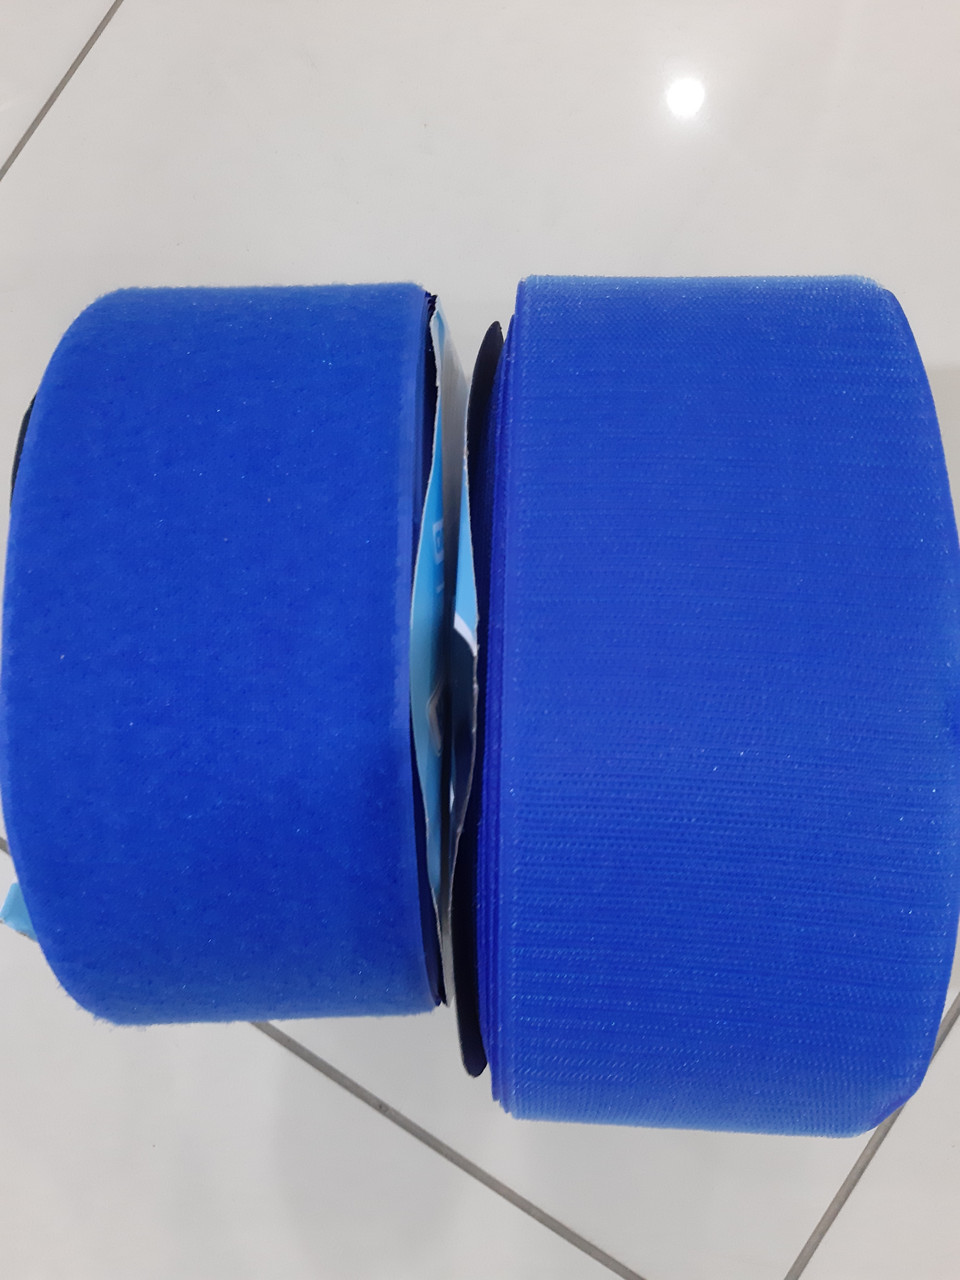 Текстильная застежка (липучка) цвет синий яркий  S-115  100мм (боб 25м)  Veritas